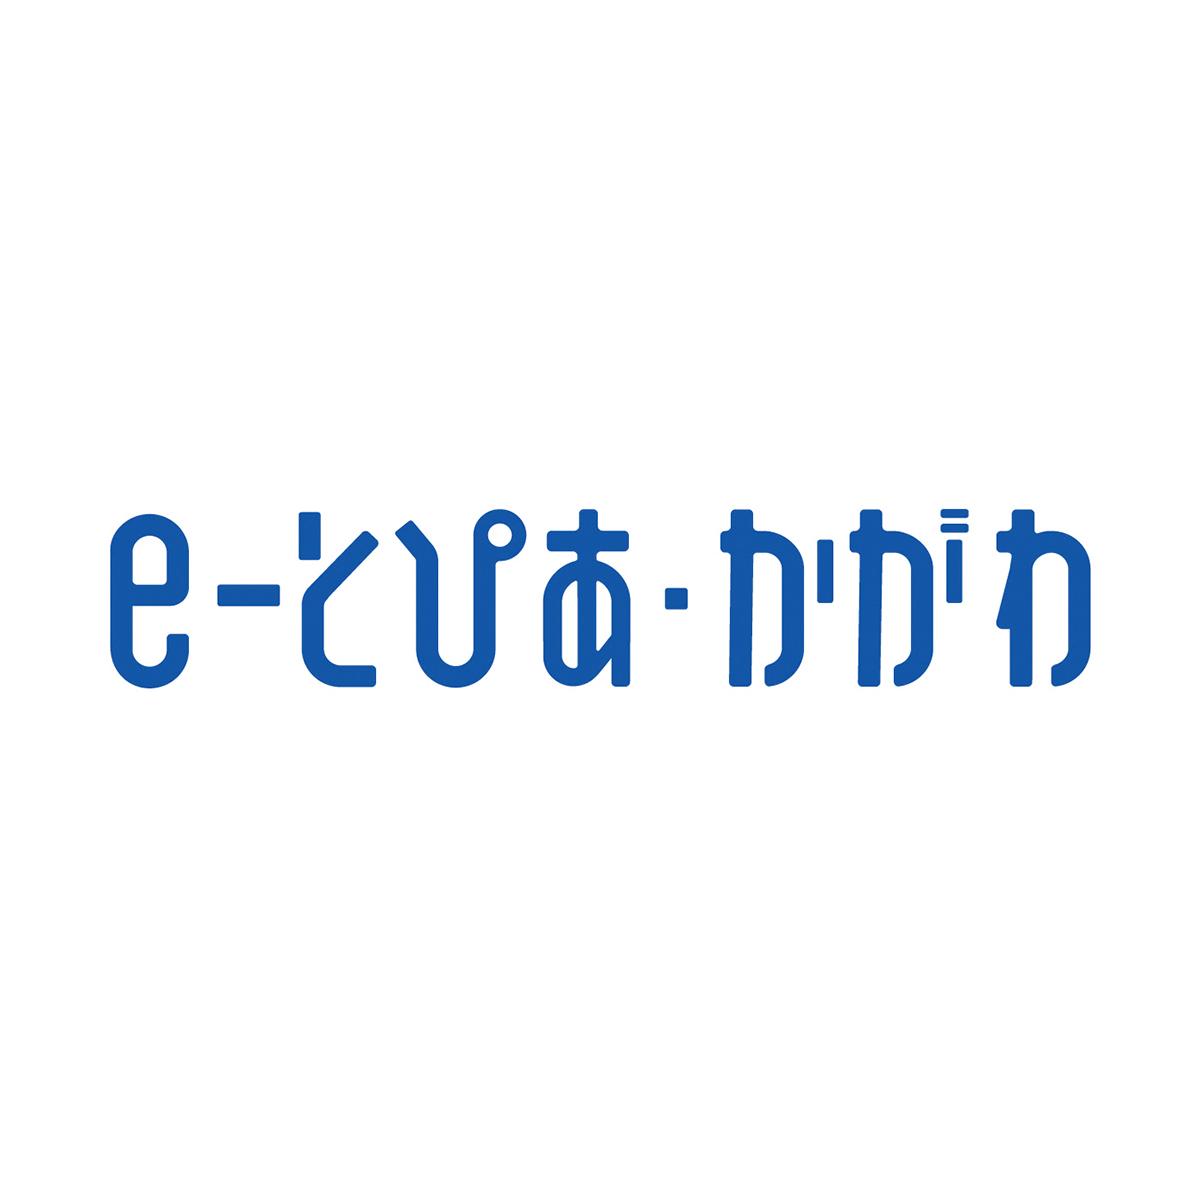 情報通信交流館e-とぴあ・かがわ ロゴタイプ